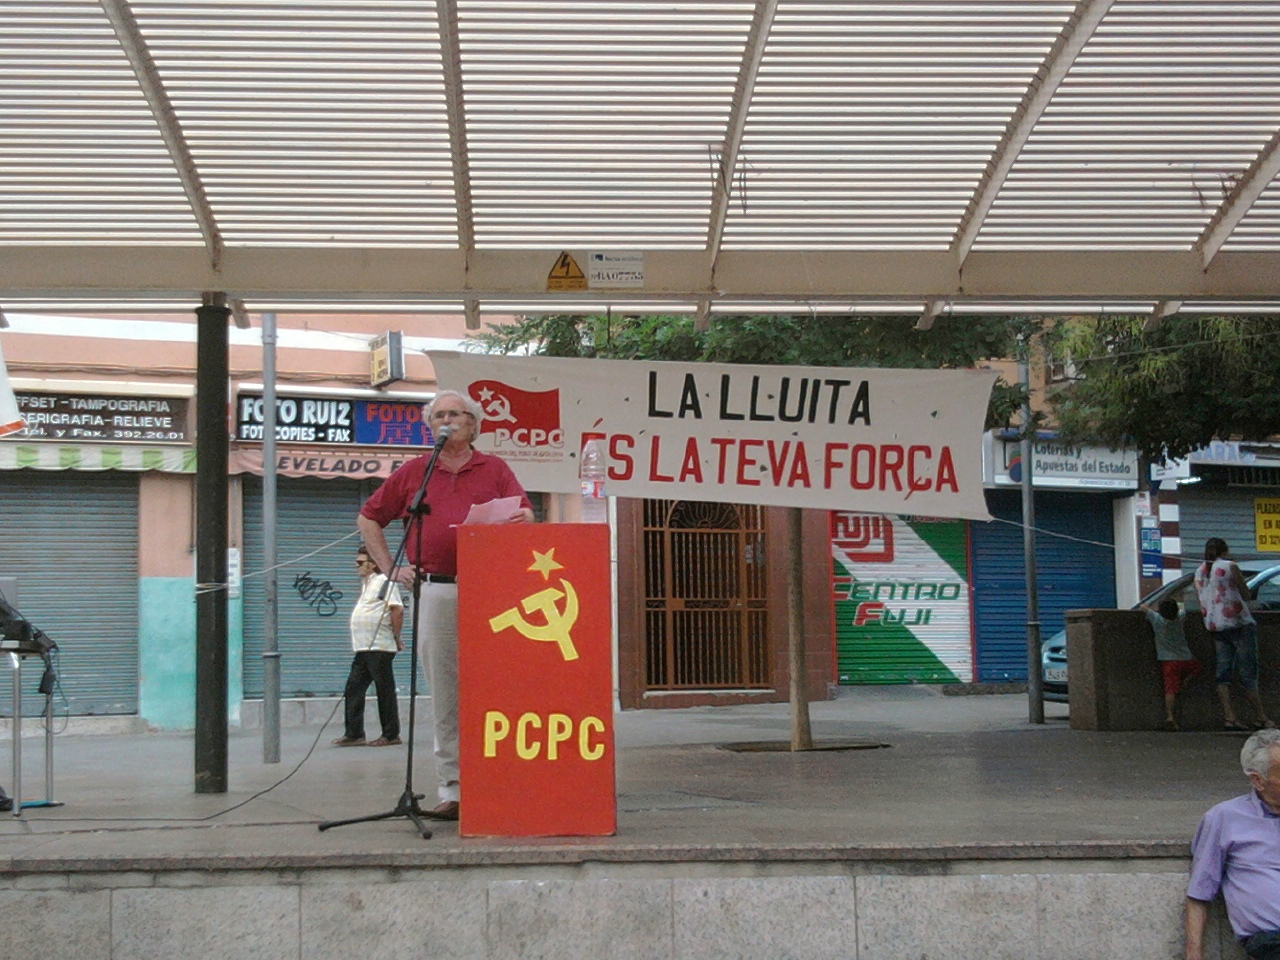 Mitin del PCPC y los JCPC el 11 de septiembre para la fiesta nacional de Cataluña Foto0161